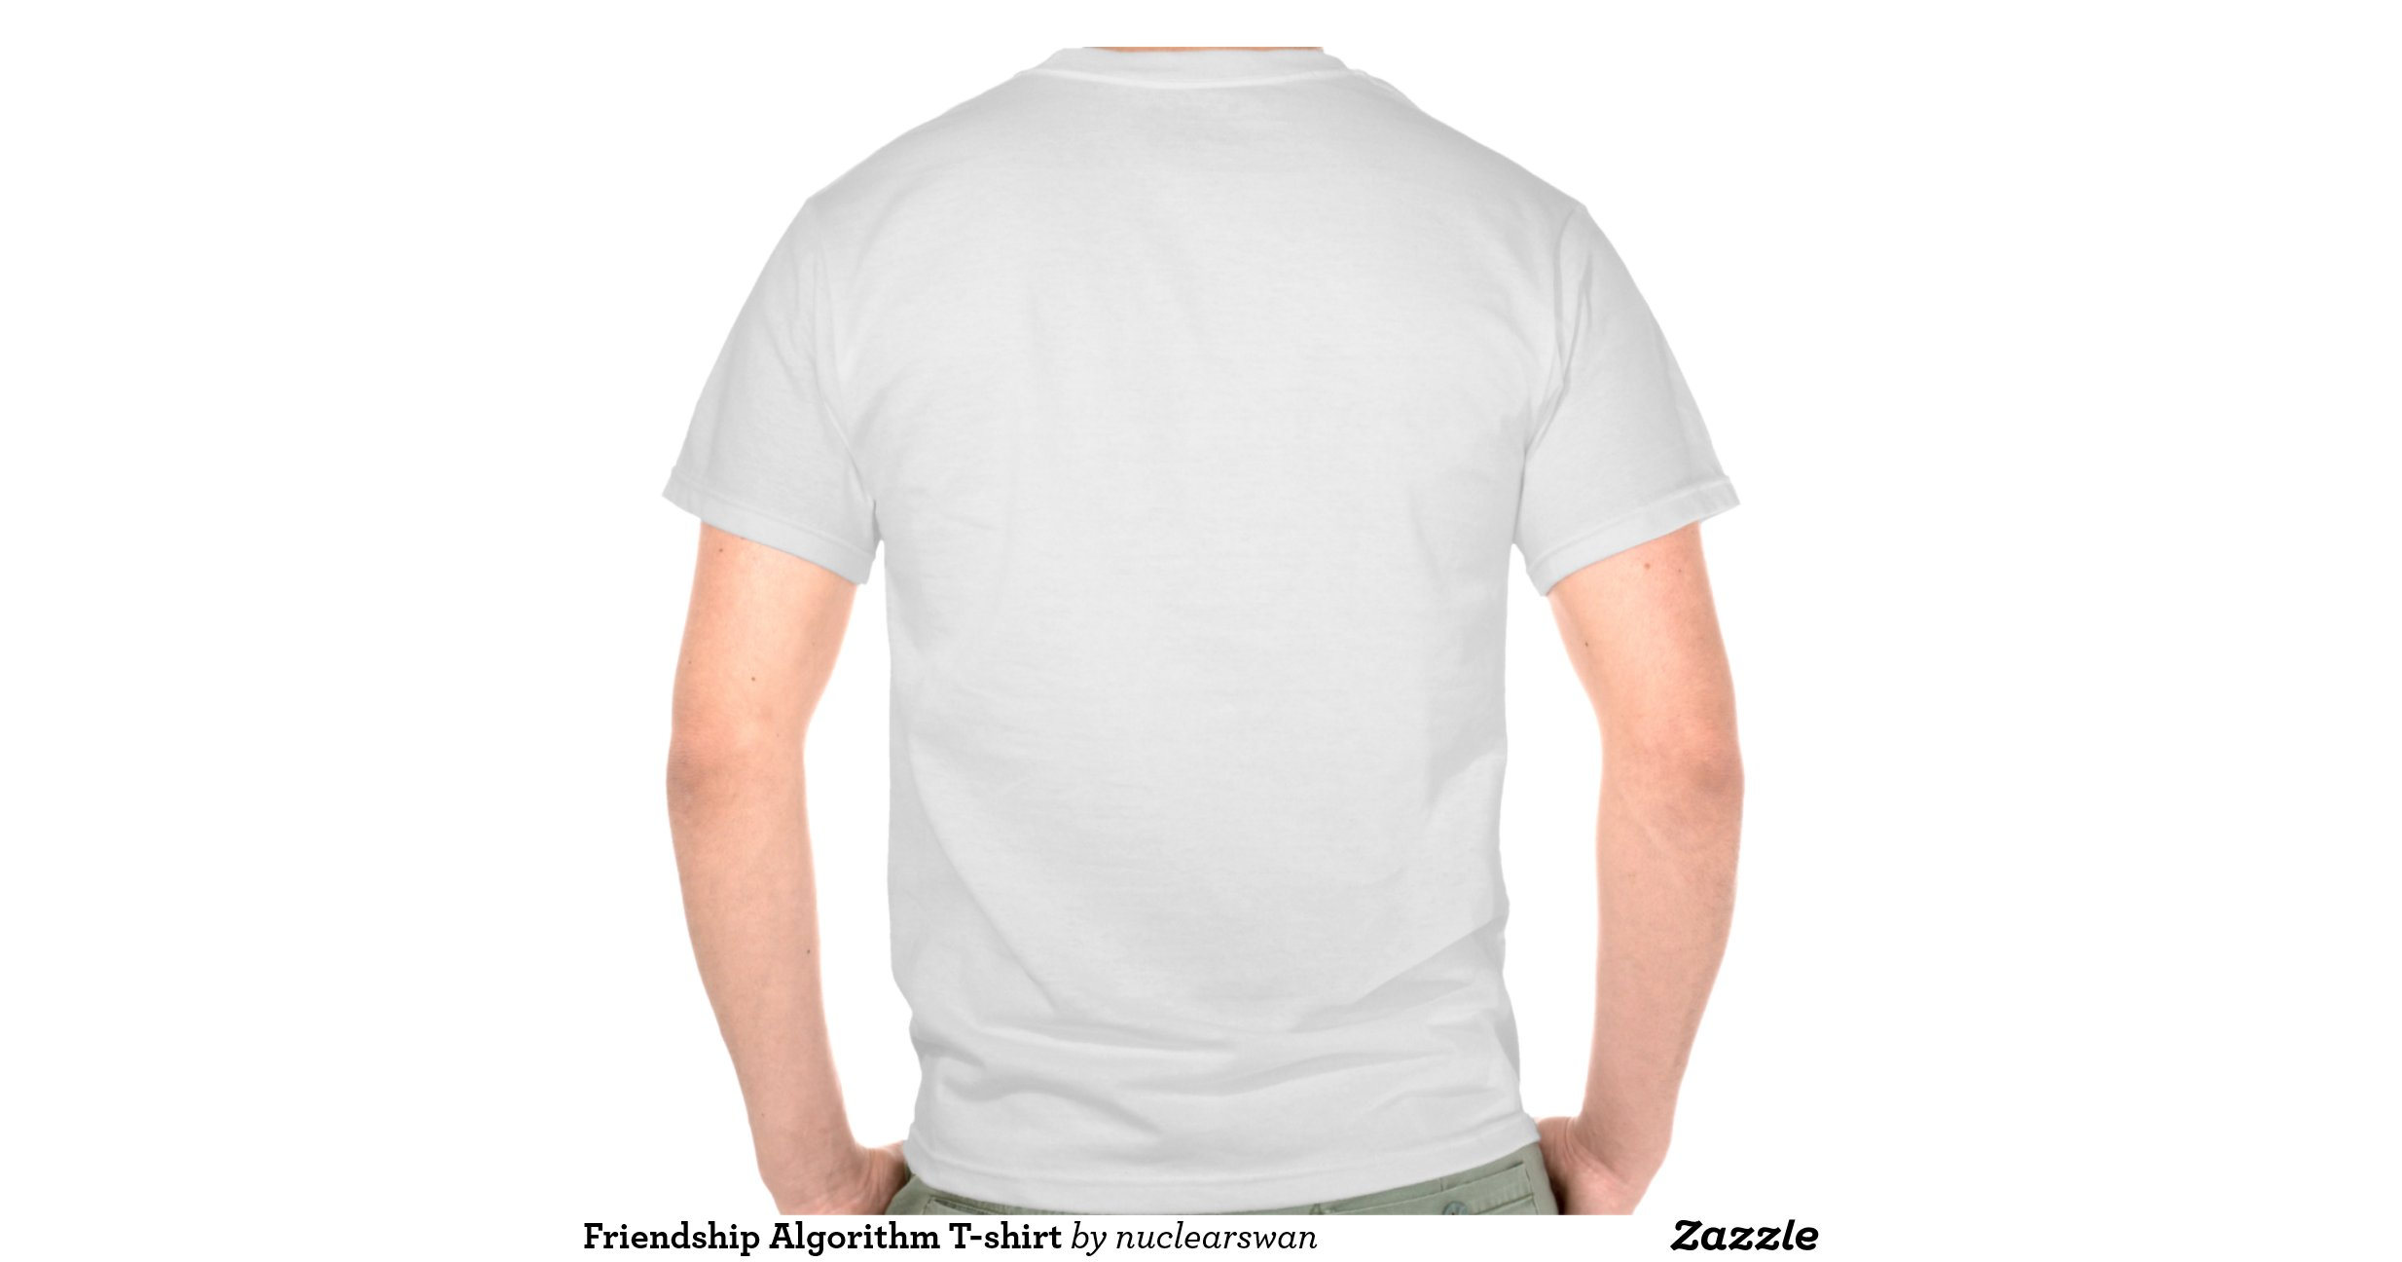 Friendship Algorithm t Shirt Friendship Algorithm T-shirt  